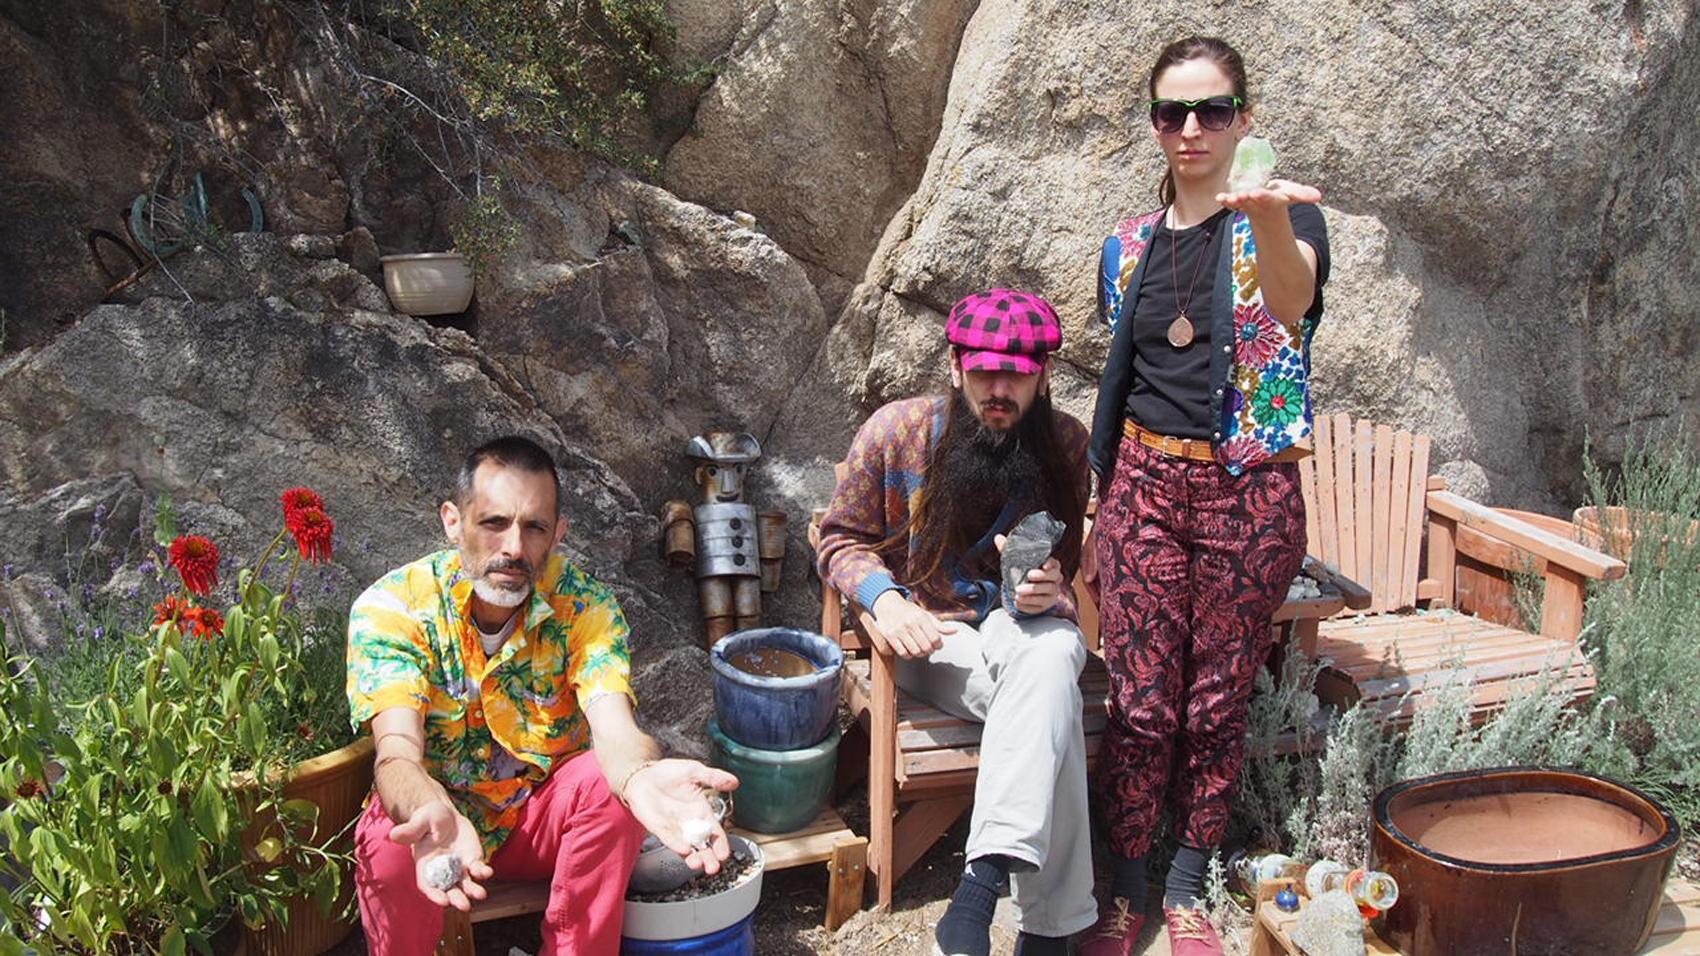 Jooklo Zappa + The Selva + lauroshilau